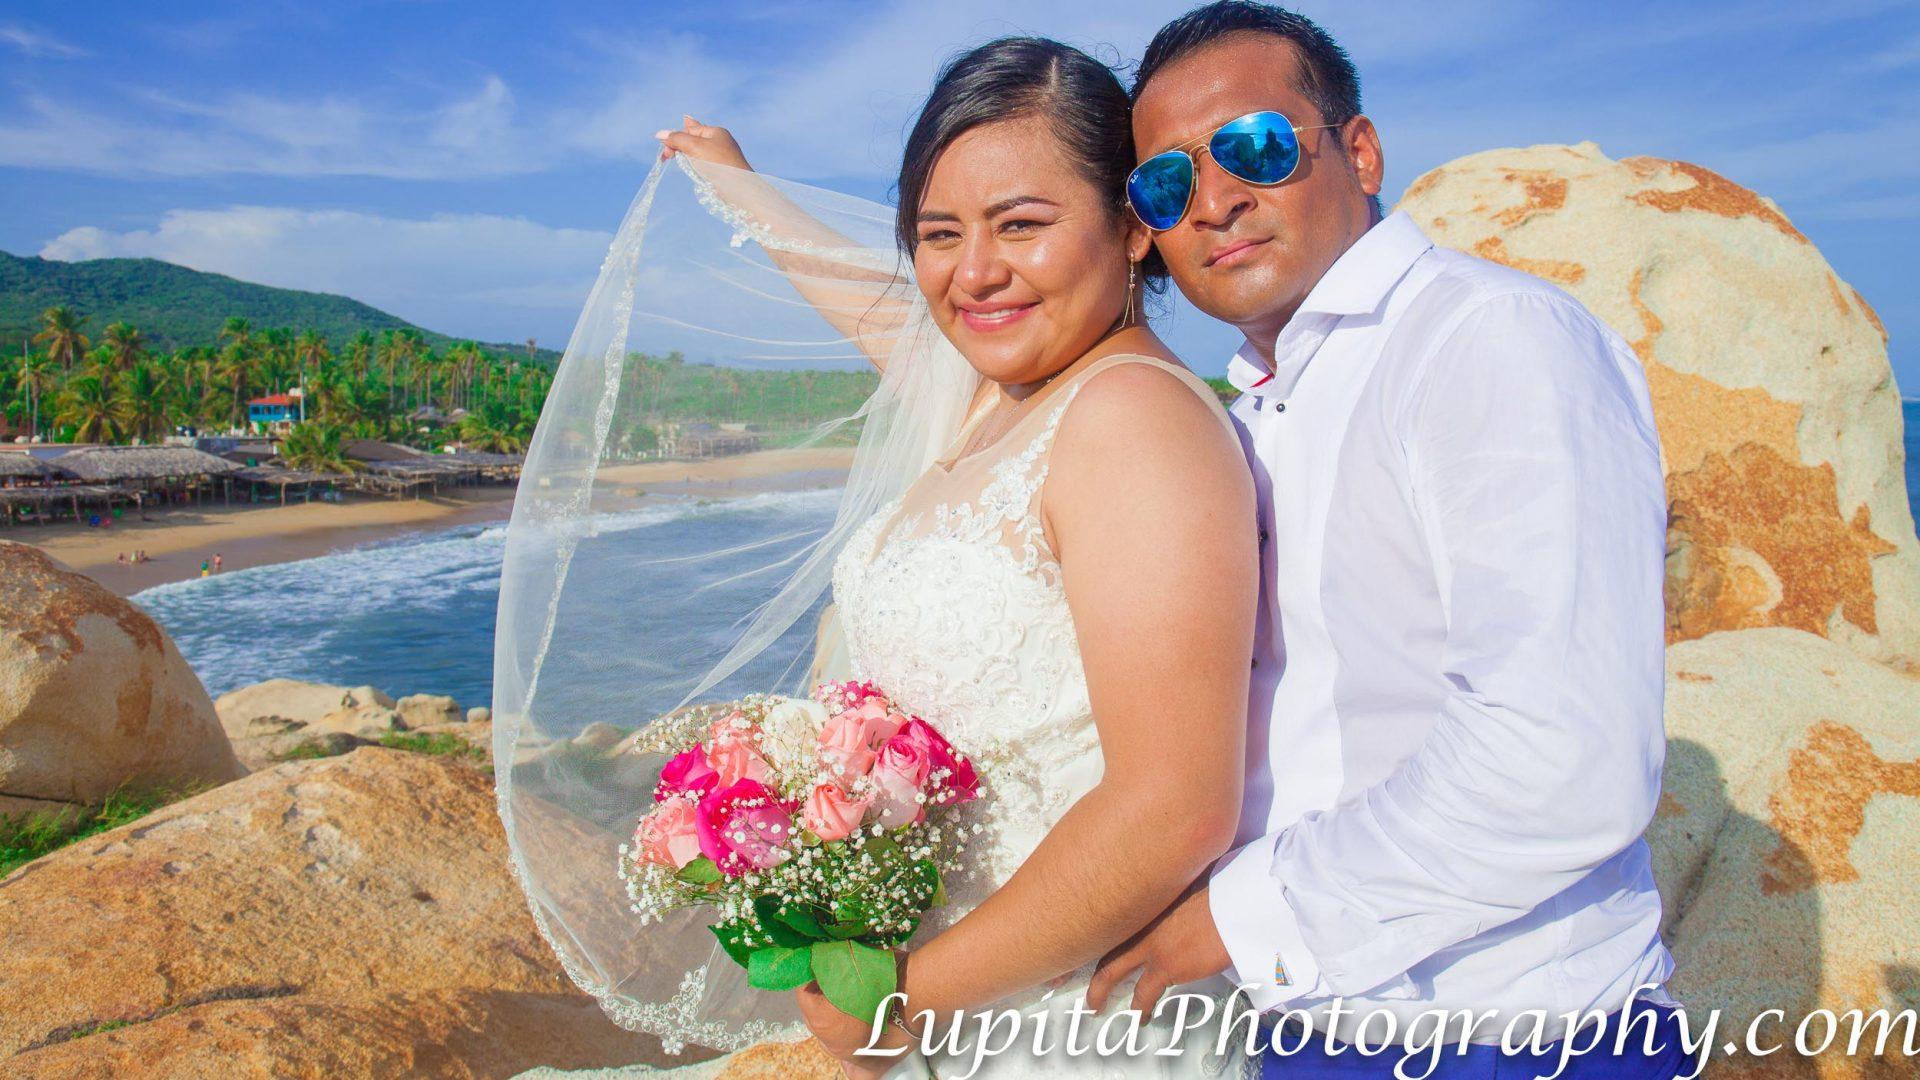 Lupita Photography